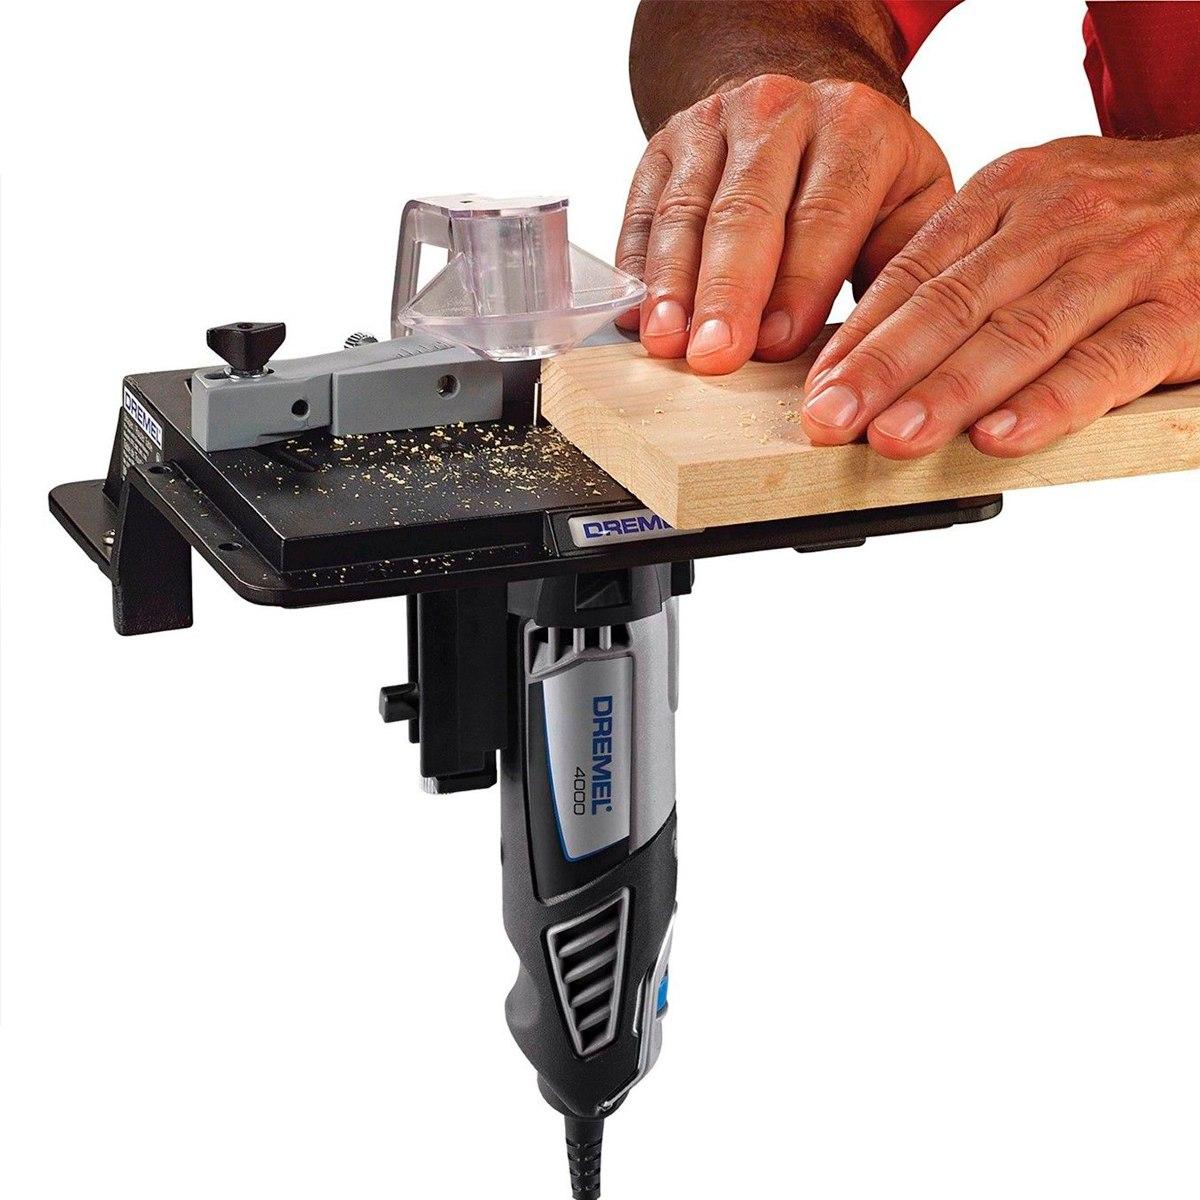 Mesa fresadora adaptador accesorio dremel 231 env o gratis for Mesa para fresadora